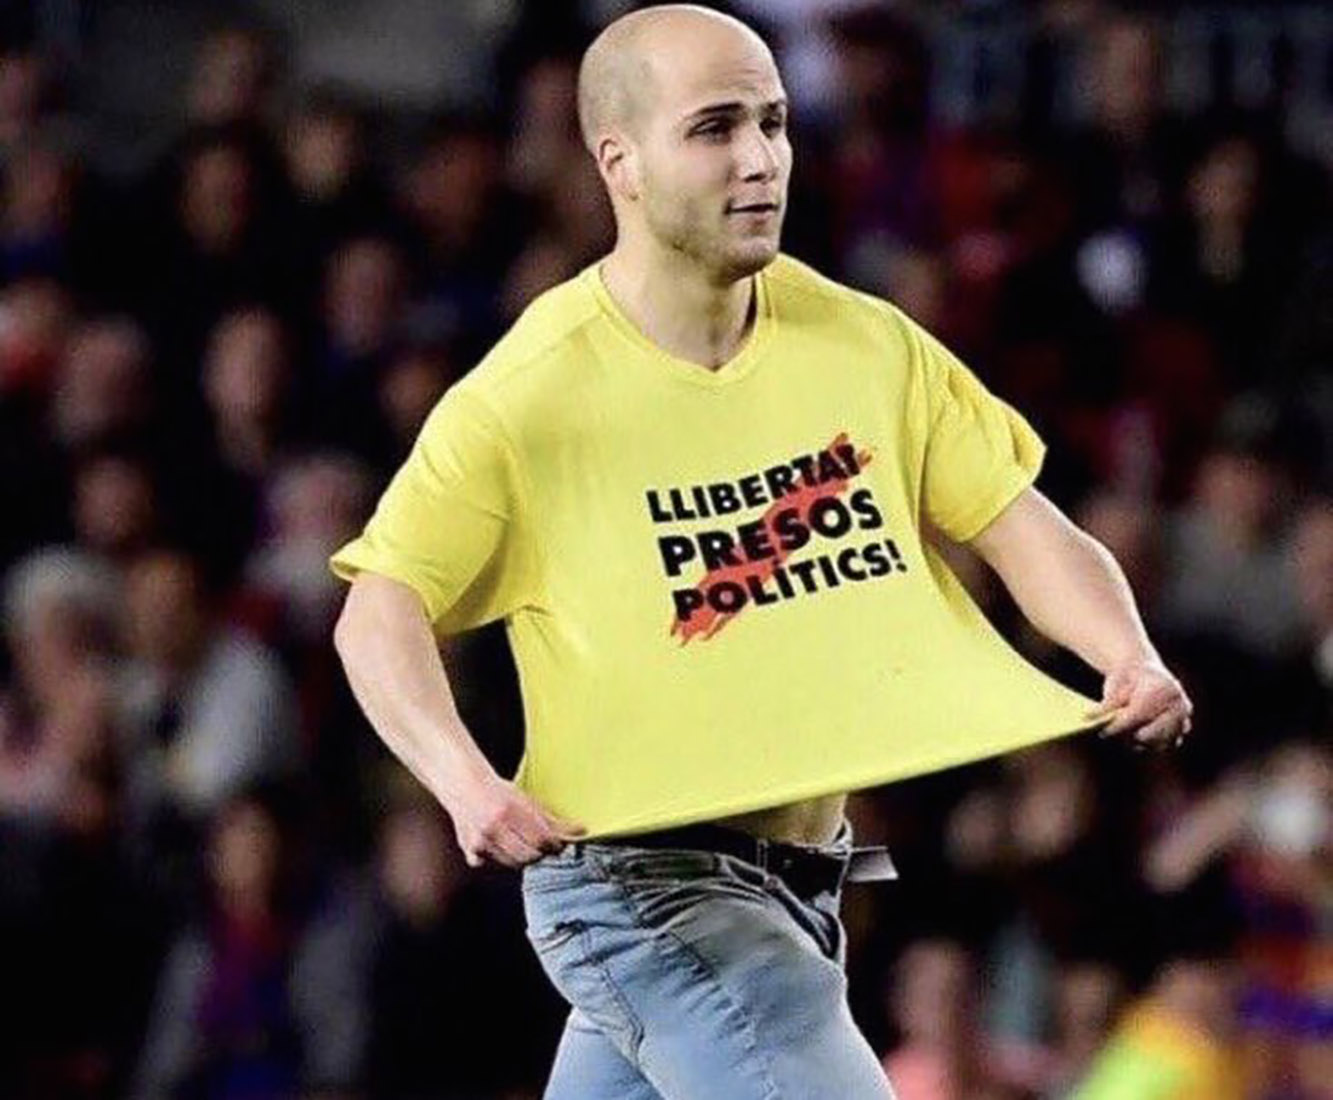 Àlex Aymerich, al Camp Nou, demanant la llibertat dels presos polítics/ Twitter @BassaMontse